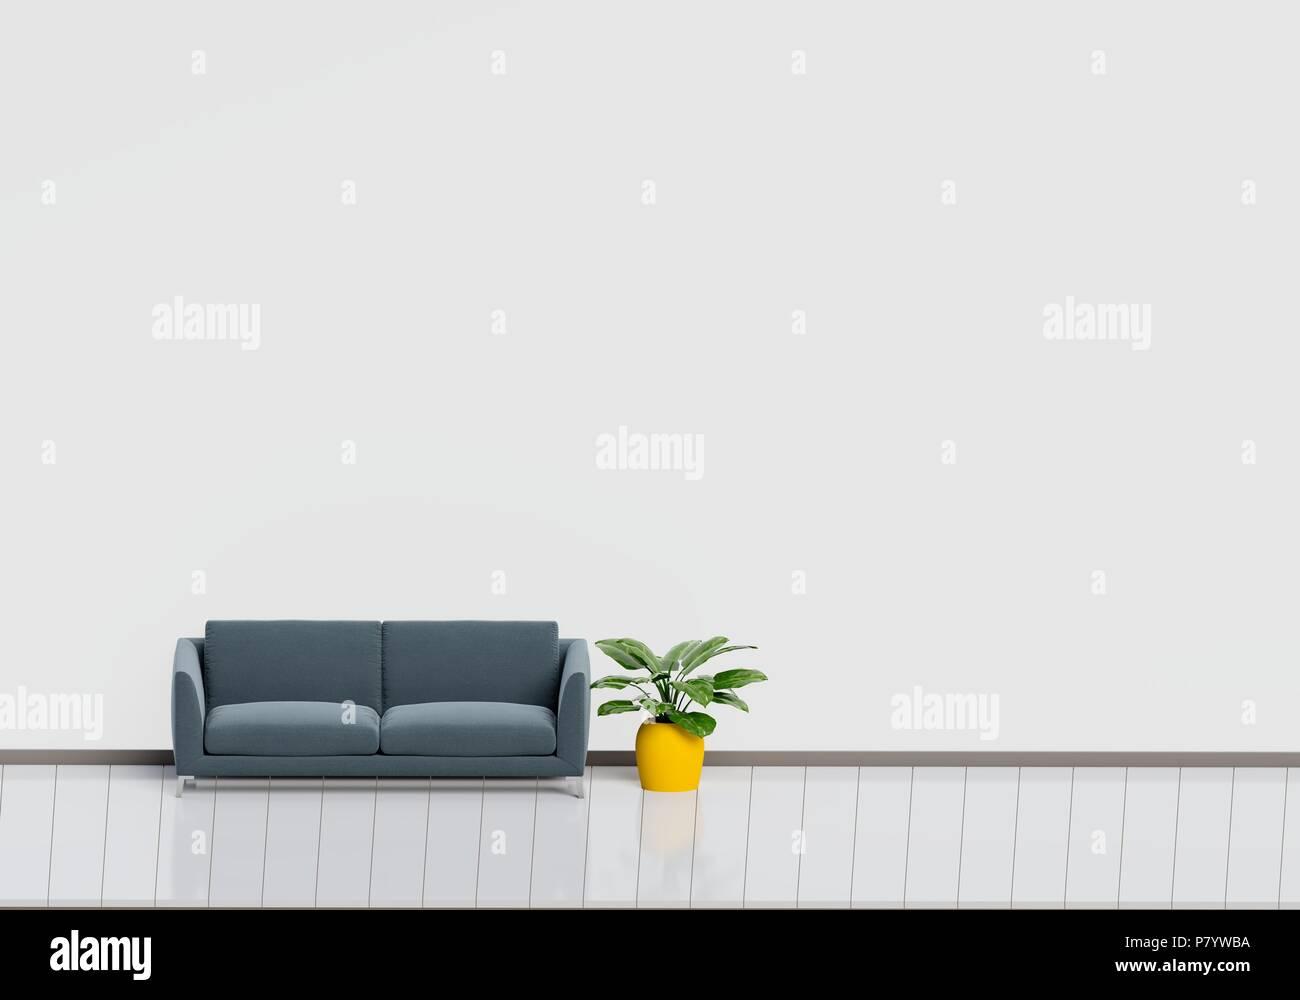 Moderne Raumgestaltung Wohnzimmer Mit Sofa Schwarz Mit Weissen Und